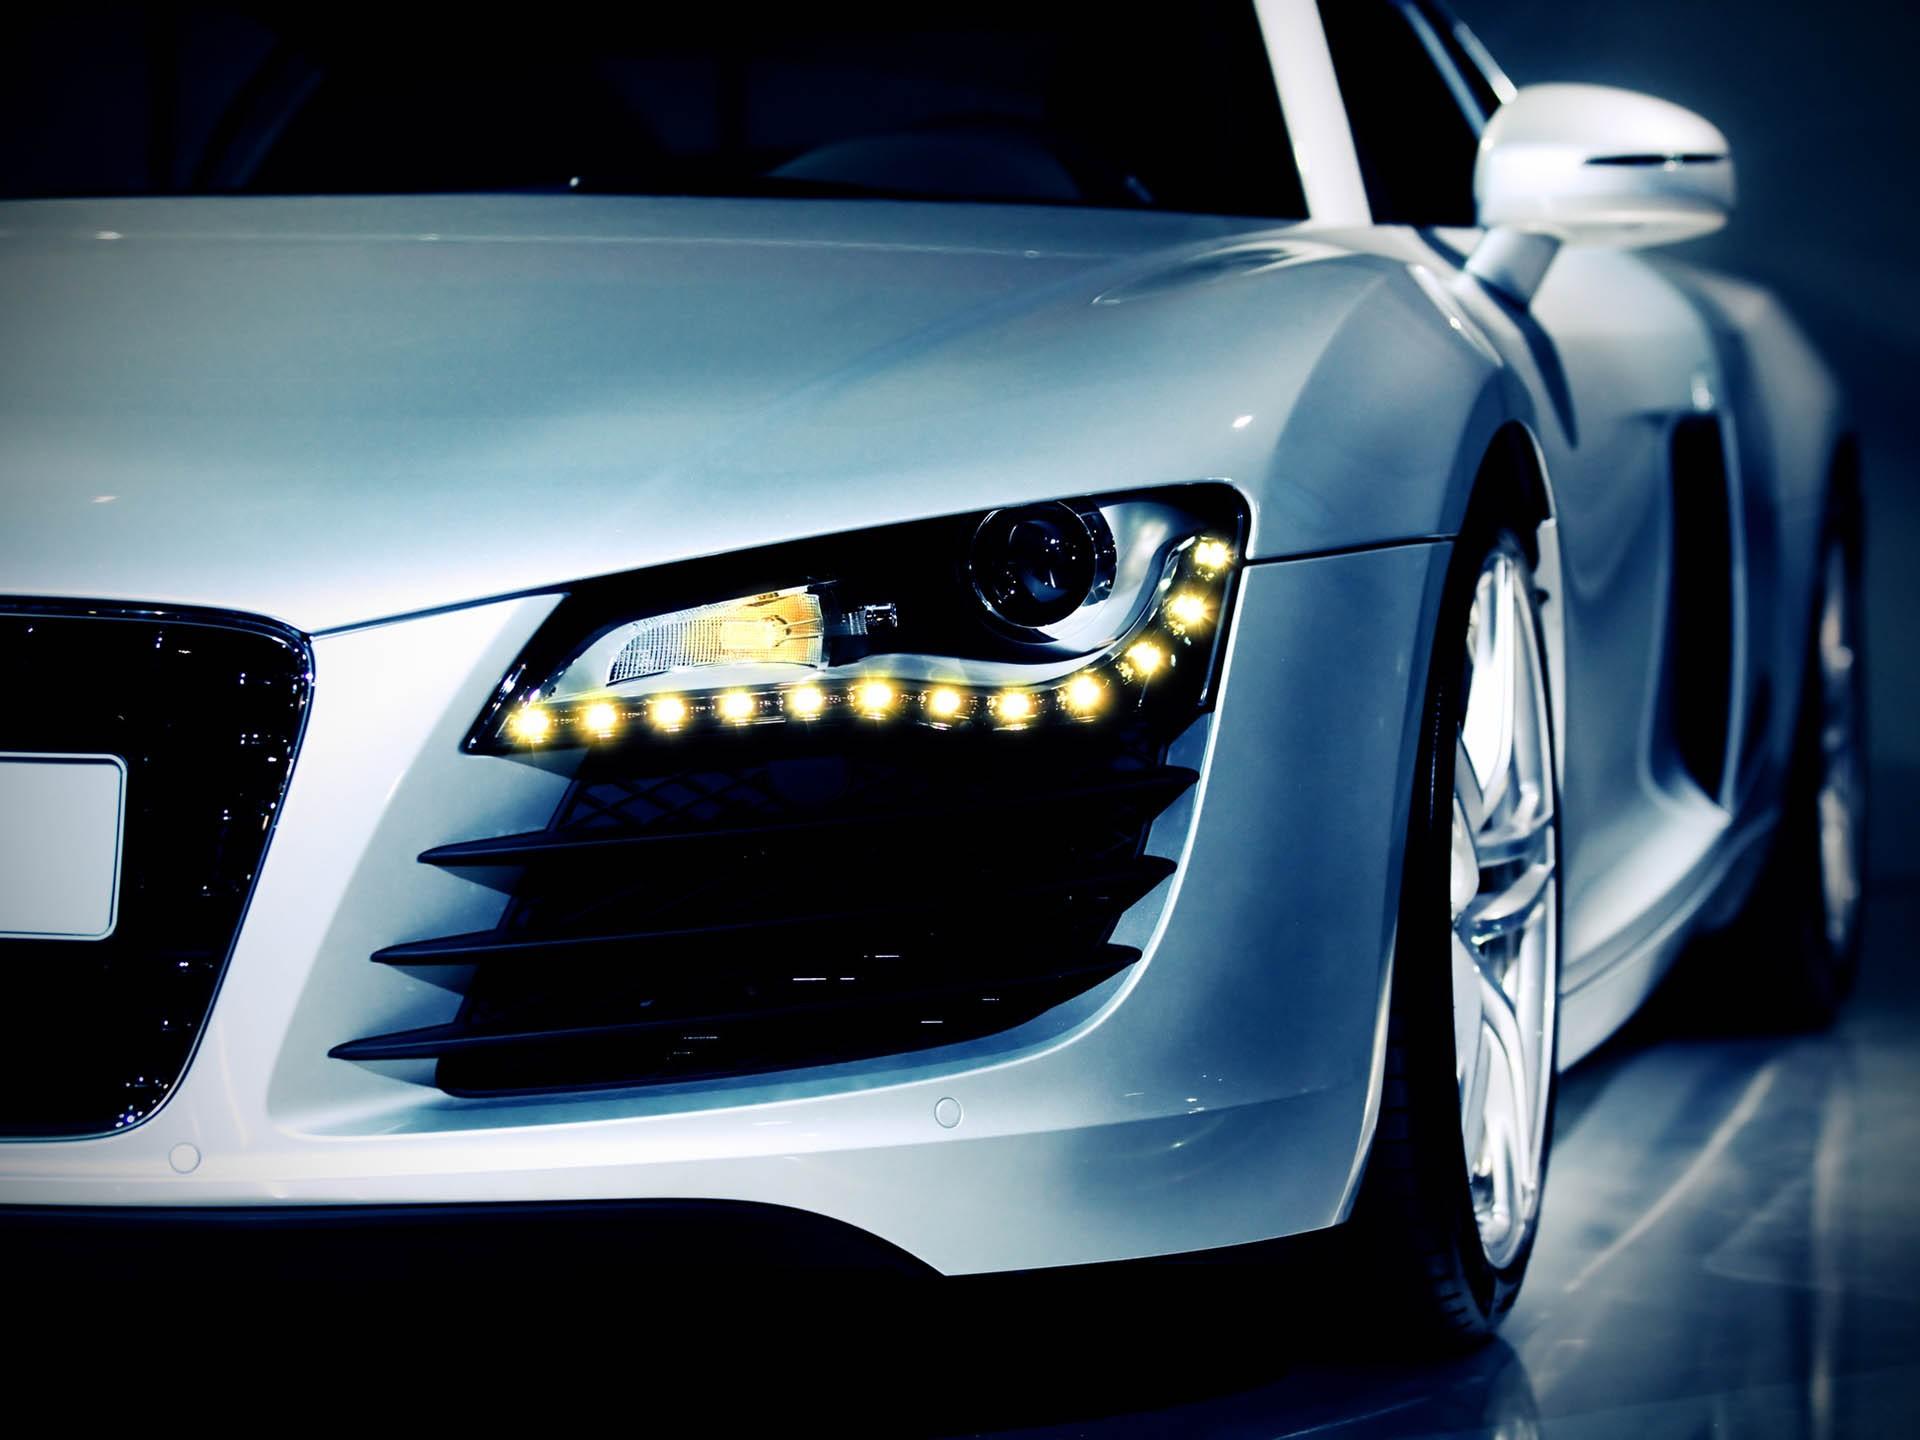 Авито Авто: спрос на премиальные автомобили с пробегом в России вырос на 56% по итогам III квартала